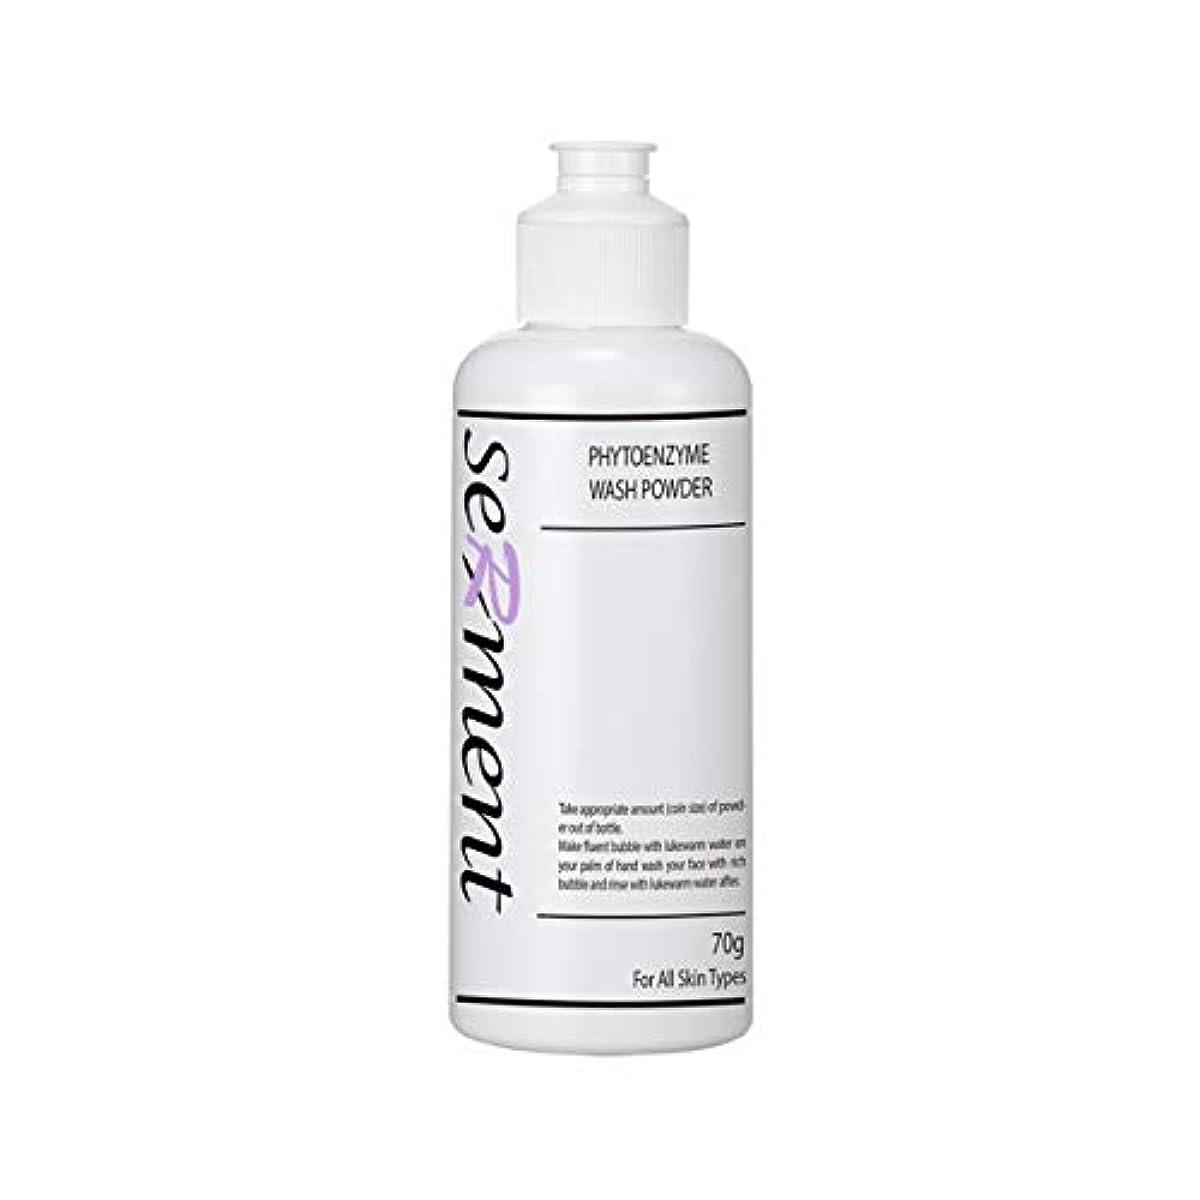 保存進行中ショートカット[Serment] Korean Cosmetics Serment Enzyme Acne Face Wash Powder 70g Cleanser, Exfoliation Hypoallergenic cleanser...